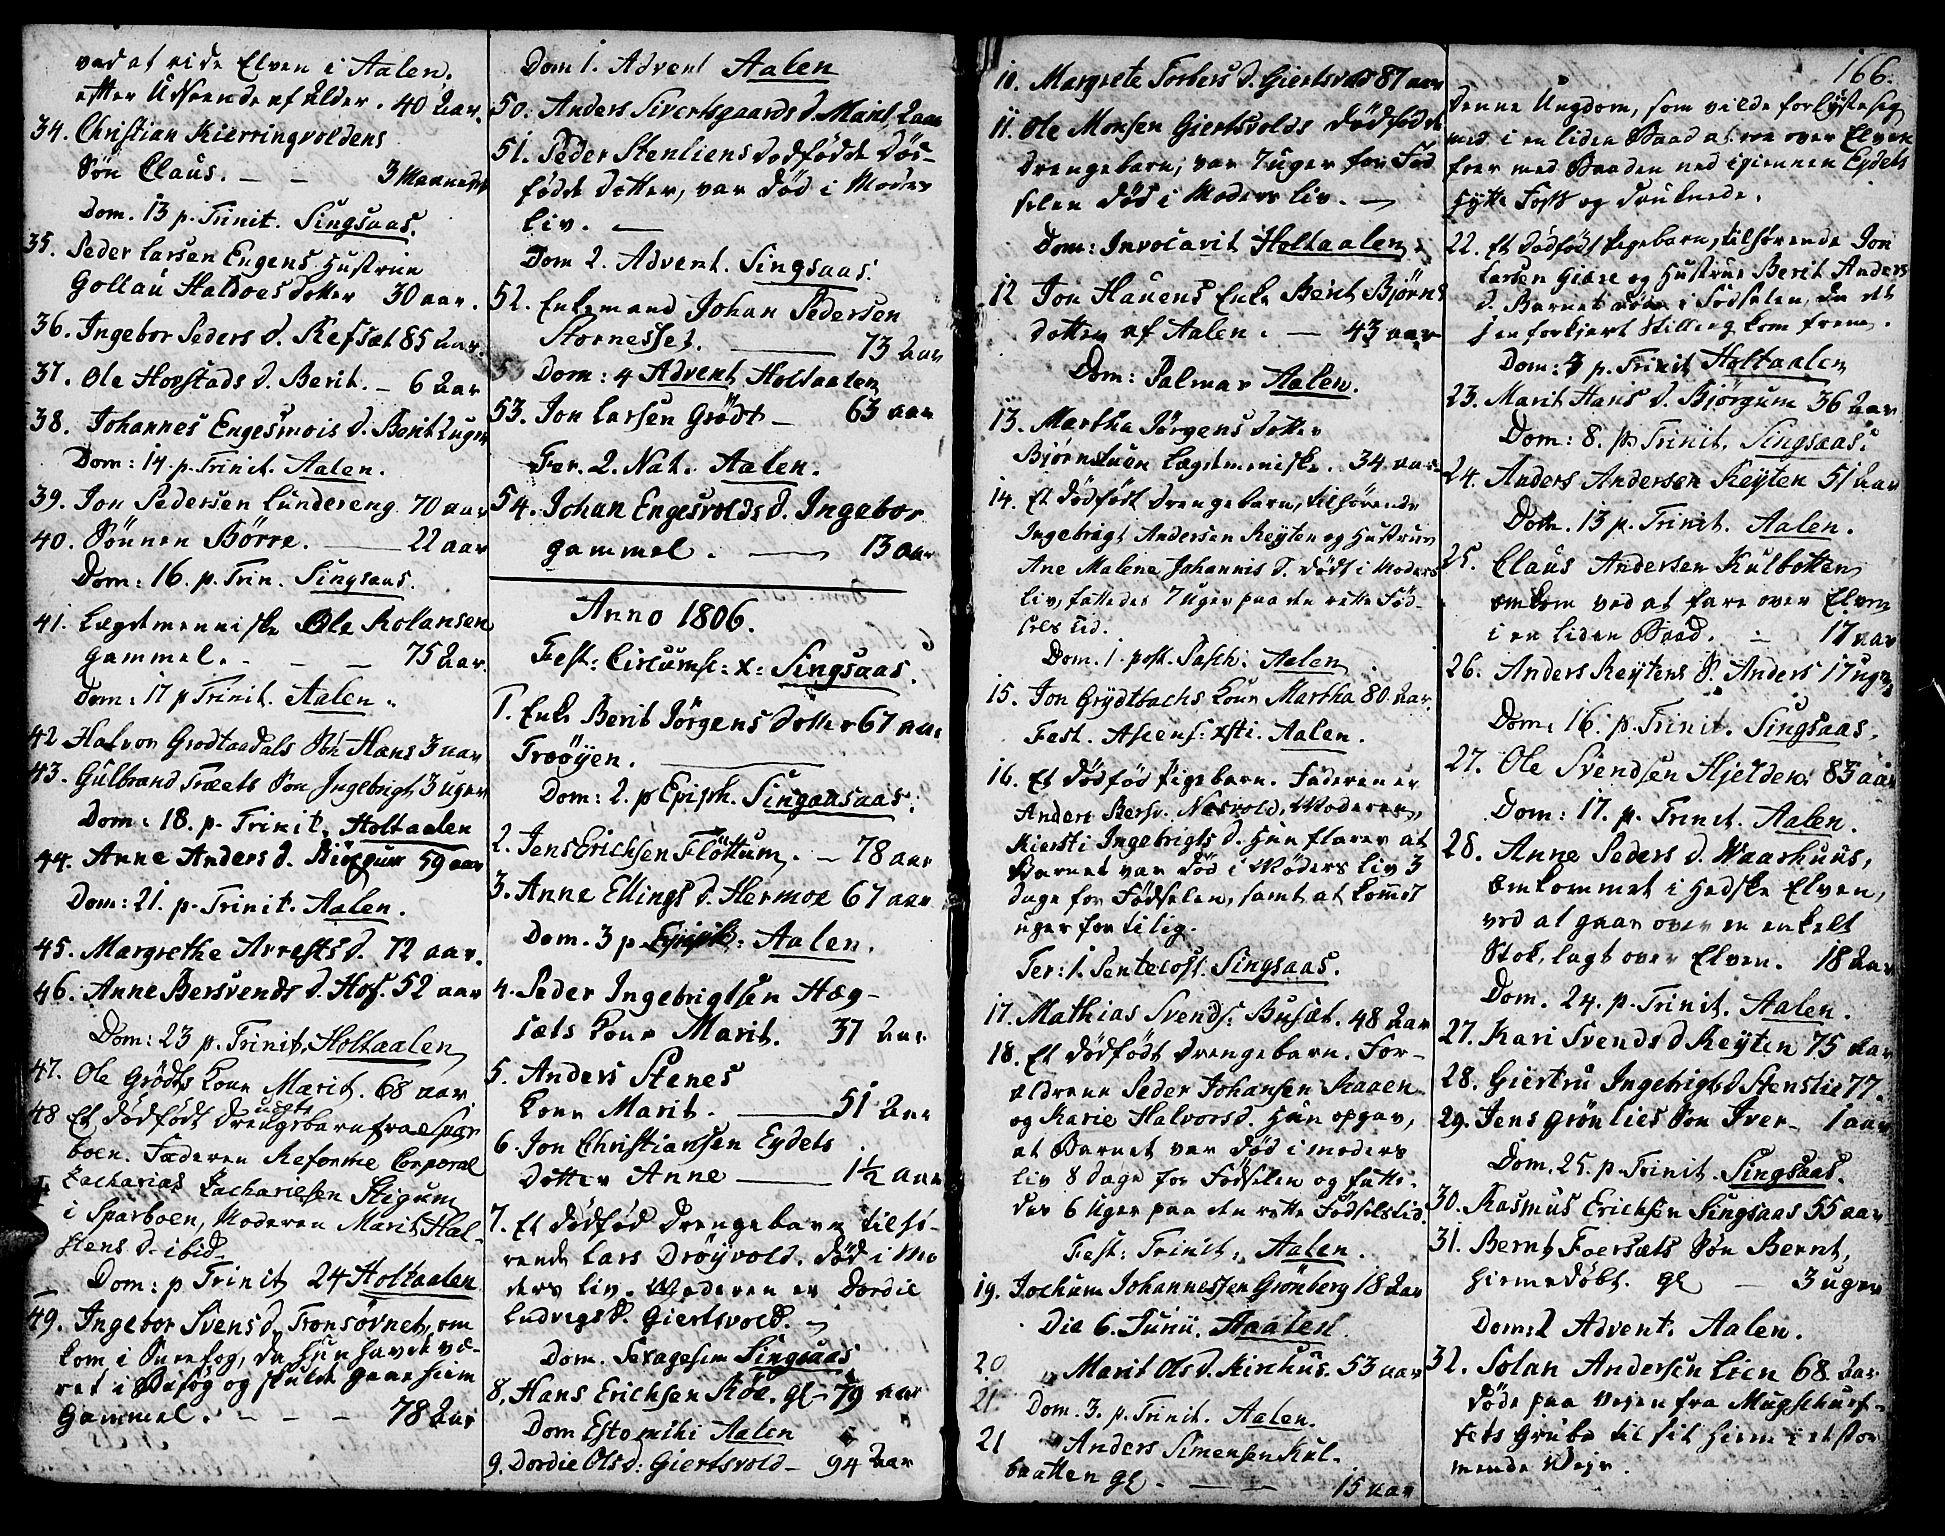 SAT, Ministerialprotokoller, klokkerbøker og fødselsregistre - Sør-Trøndelag, 685/L0953: Ministerialbok nr. 685A02, 1805-1816, s. 166